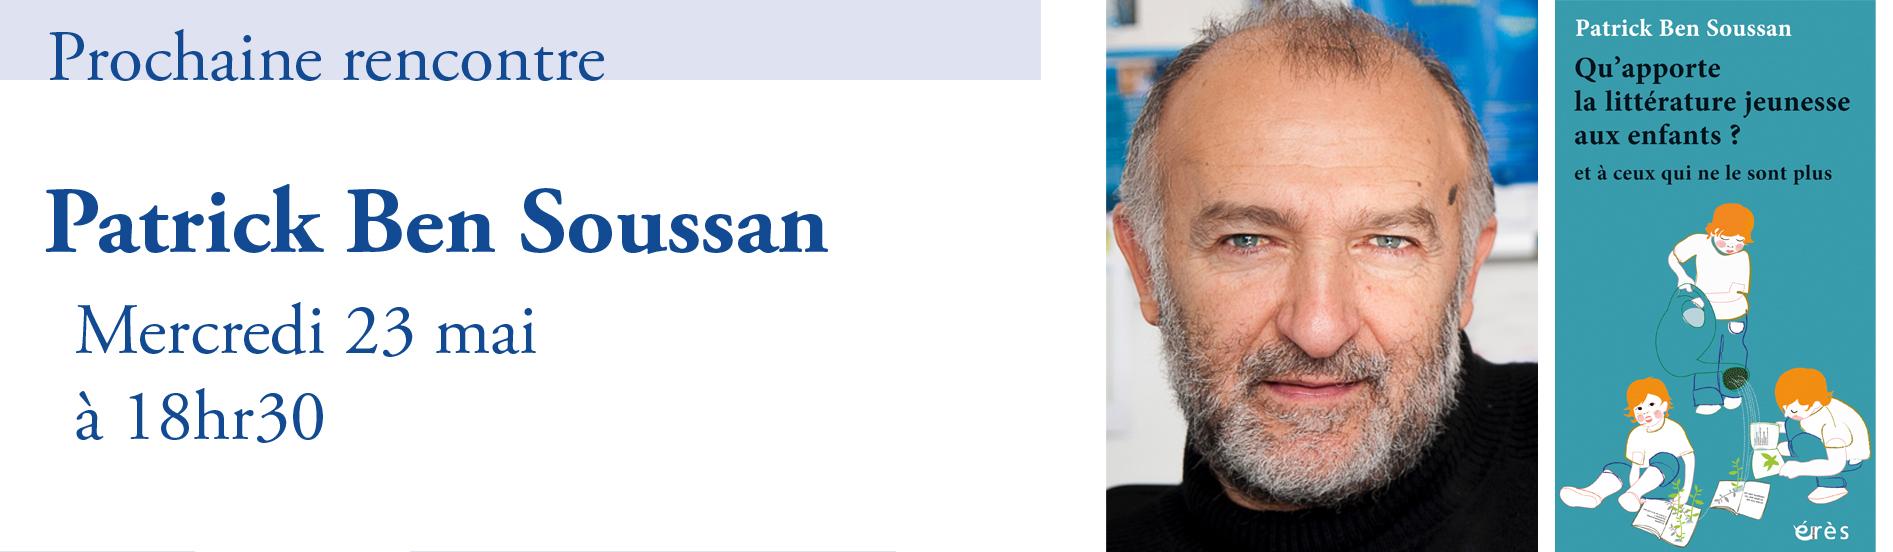 Rencontre avec Patrick Ben Soussan